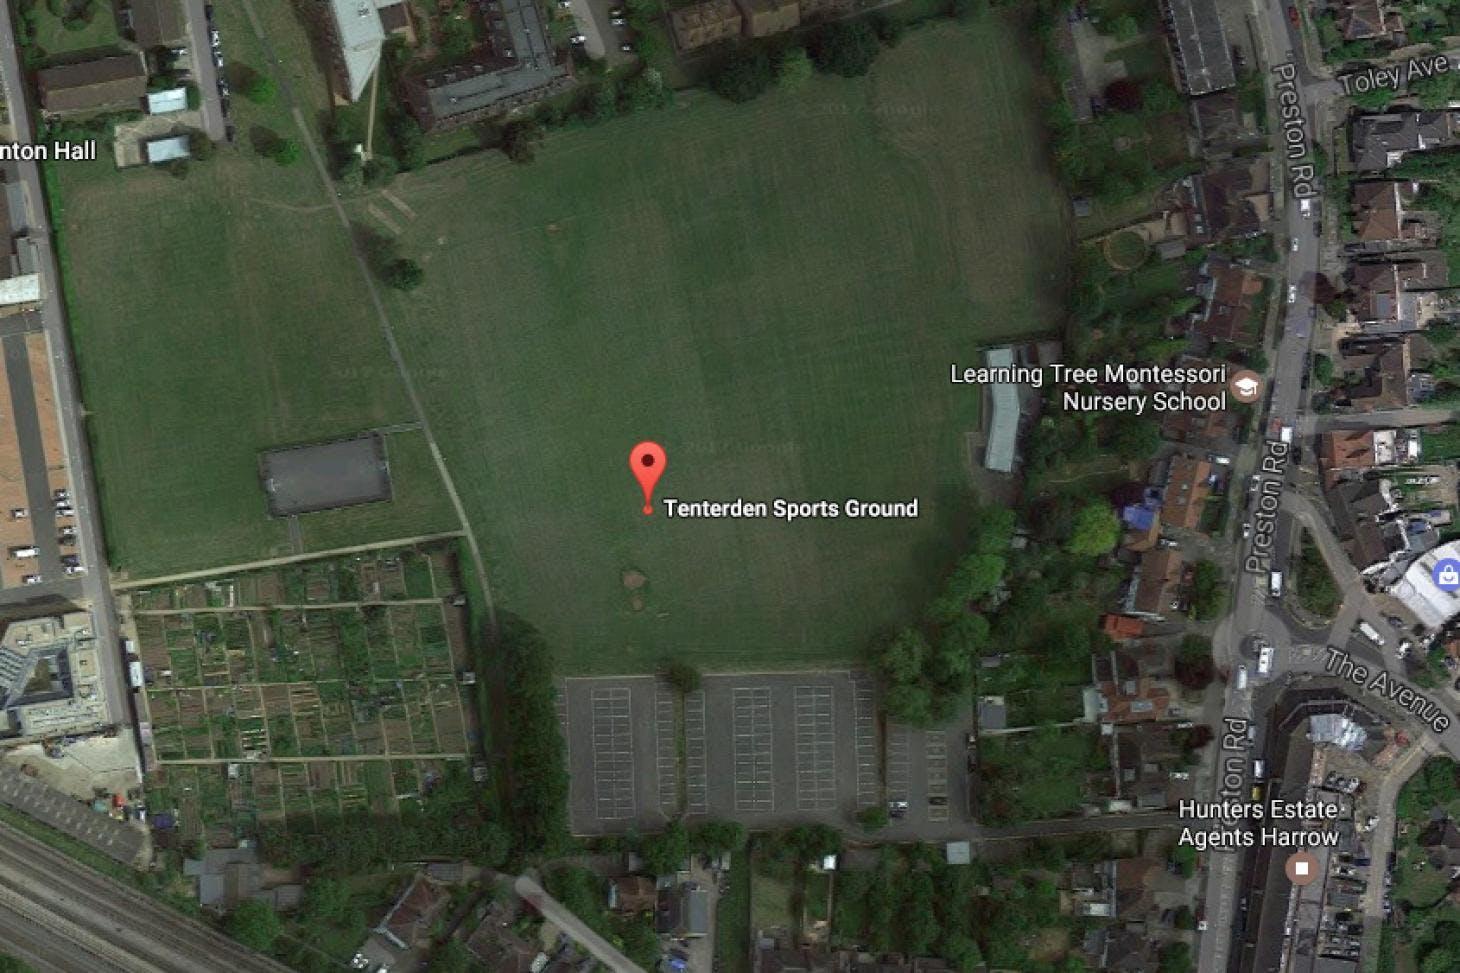 Tenterden Sports Ground 11 a side | Grass football pitch